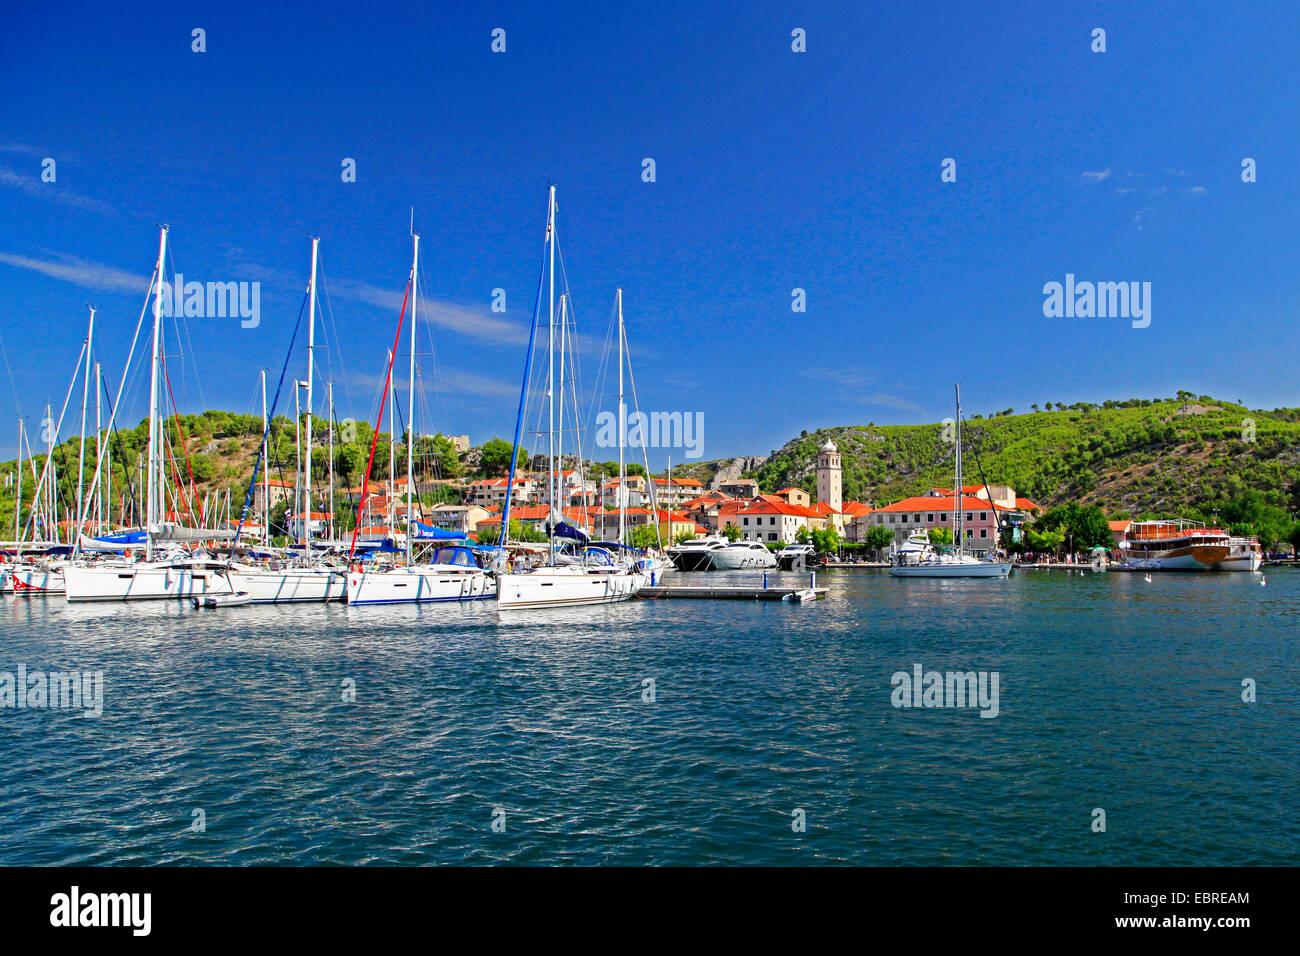 Segelboote und Yachten im Hafen von Skradin, Kroatien, Nationalparks Krka Skradin Stockfoto